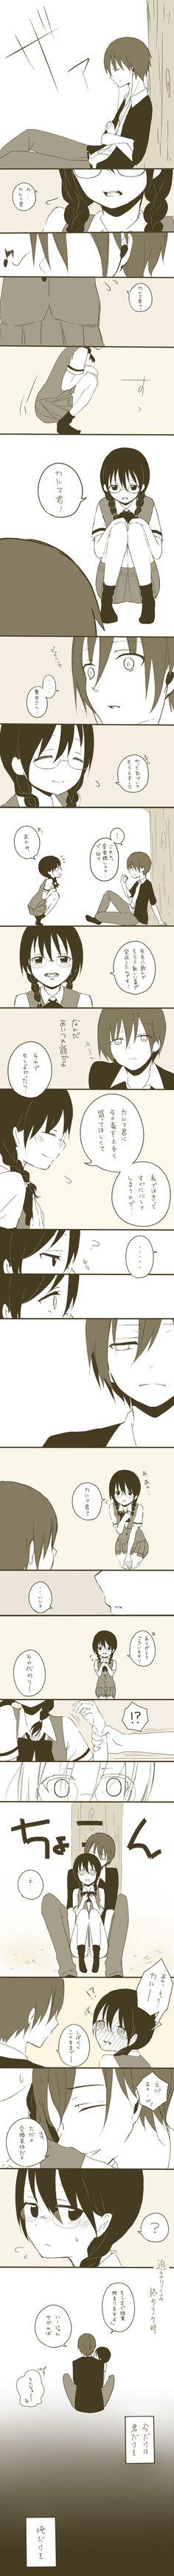 【暗殺教室】 2人だけの休み時間 【漫画】